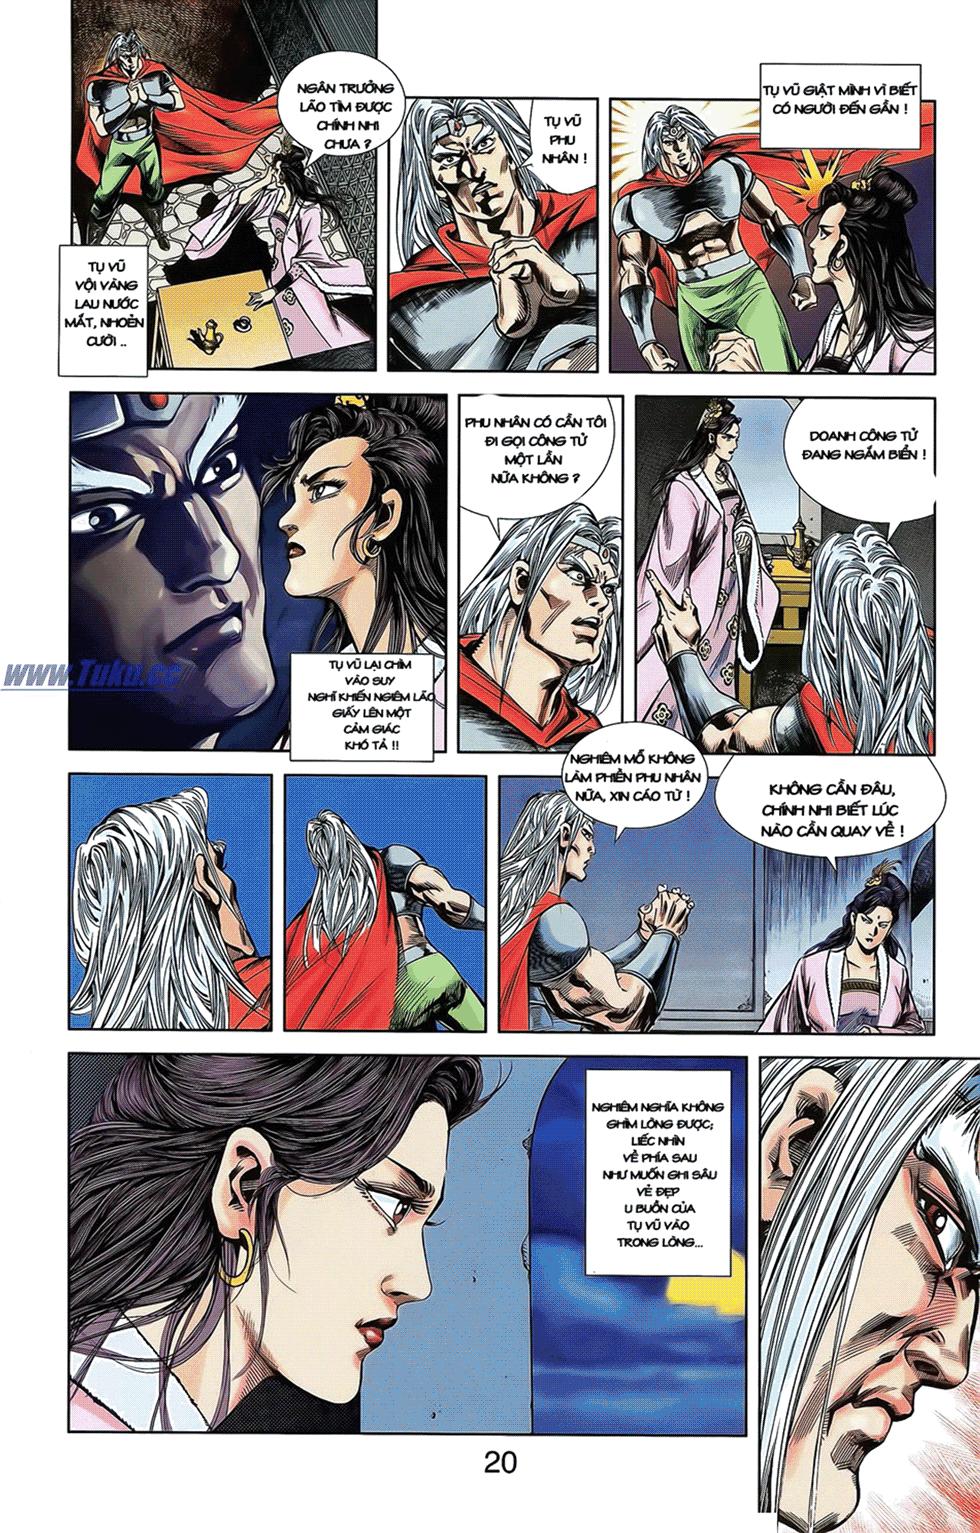 Tần Vương Doanh Chính chapter 6 trang 8